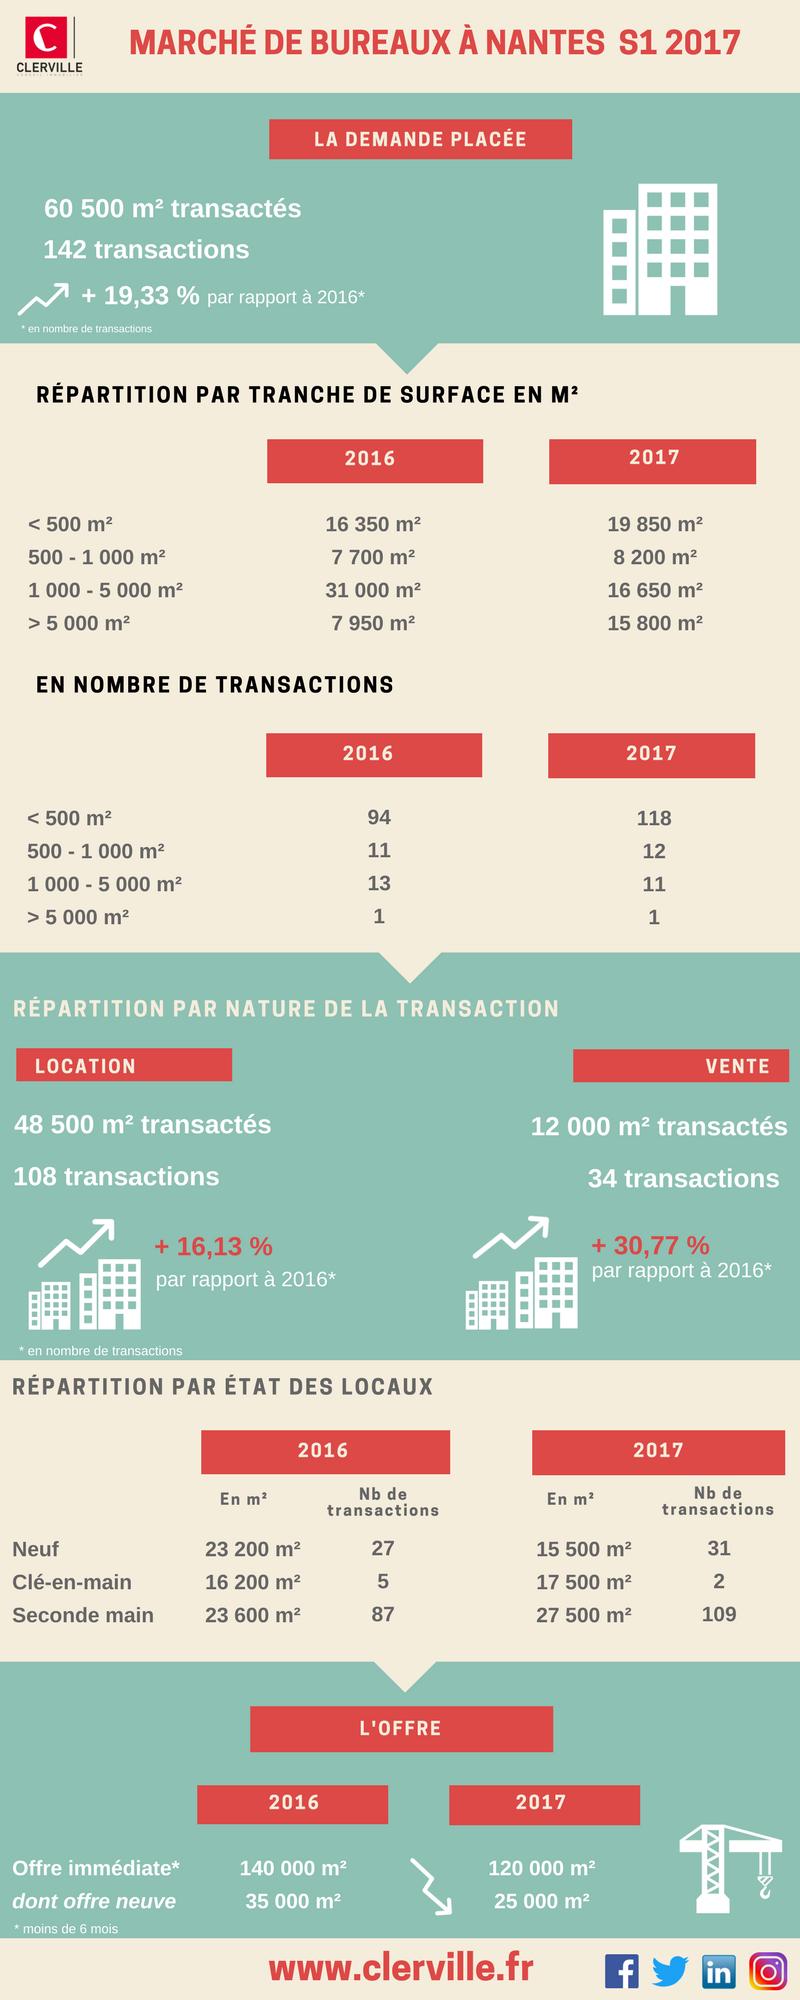 Clerville infographie bureaux nantes 2017